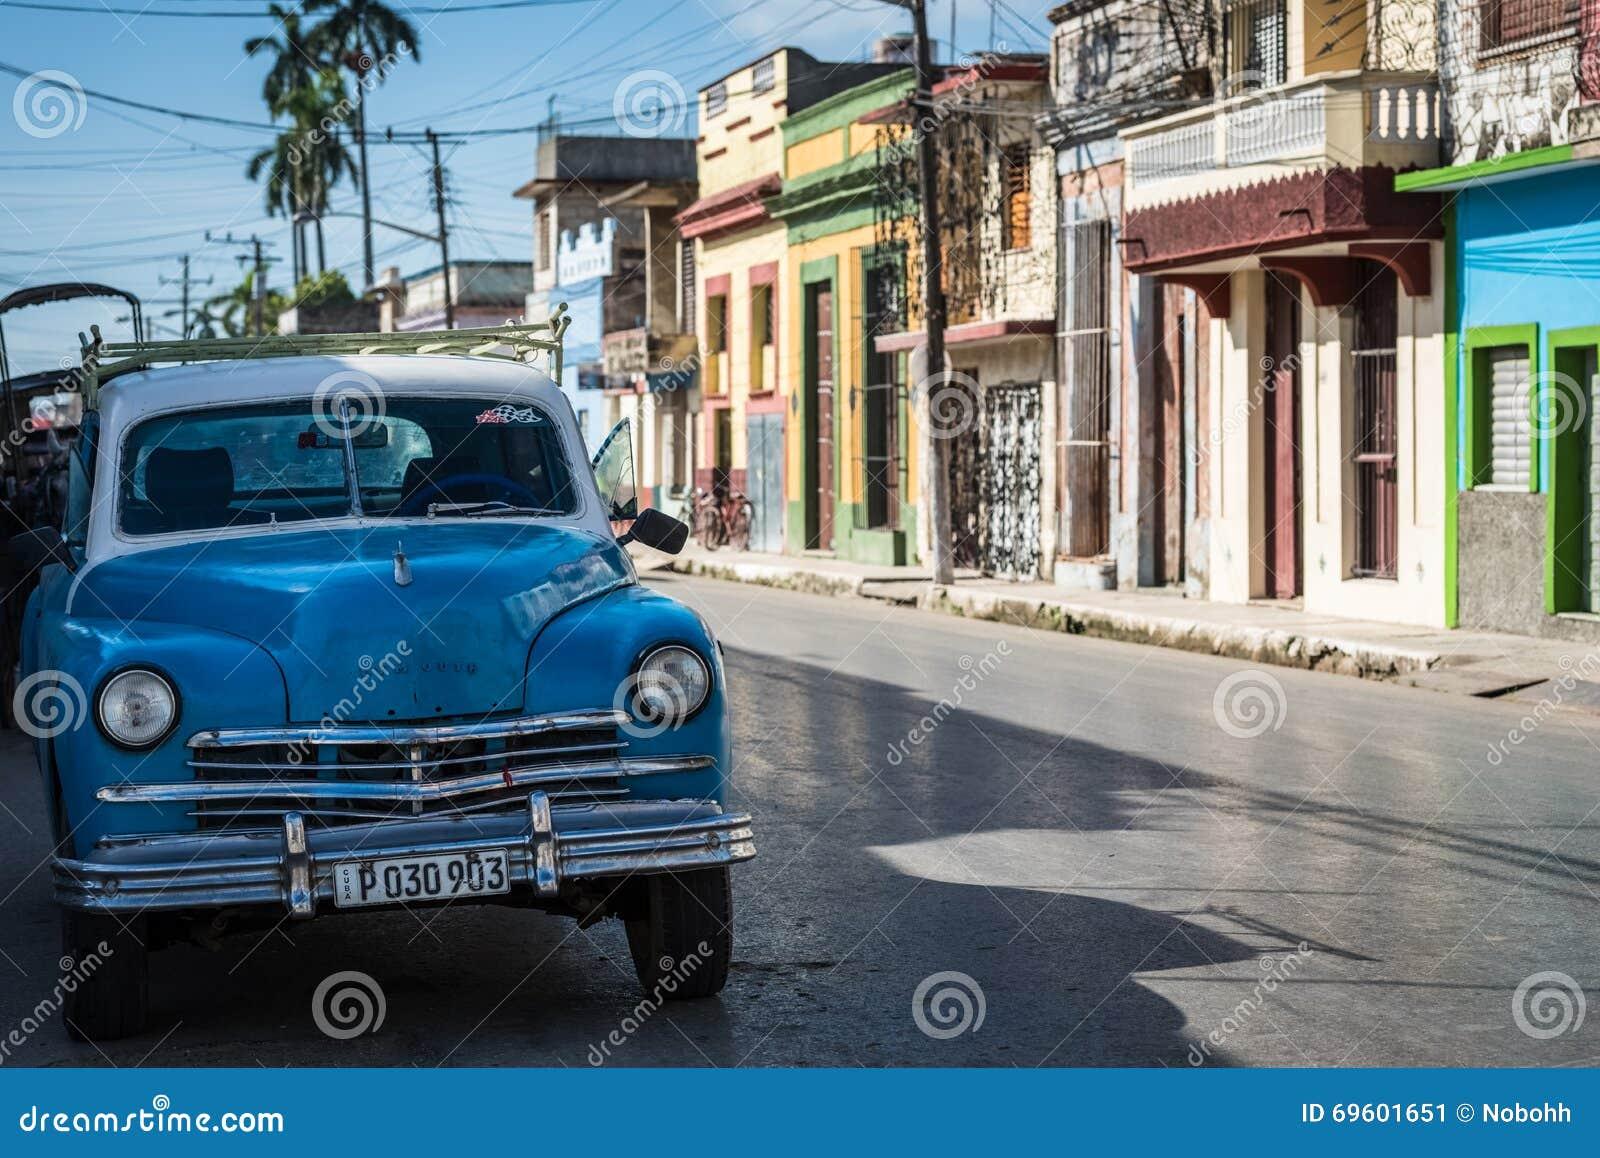 El coche clásico americano azul de HDR parqueó en la calle en Santa Clara Cuba